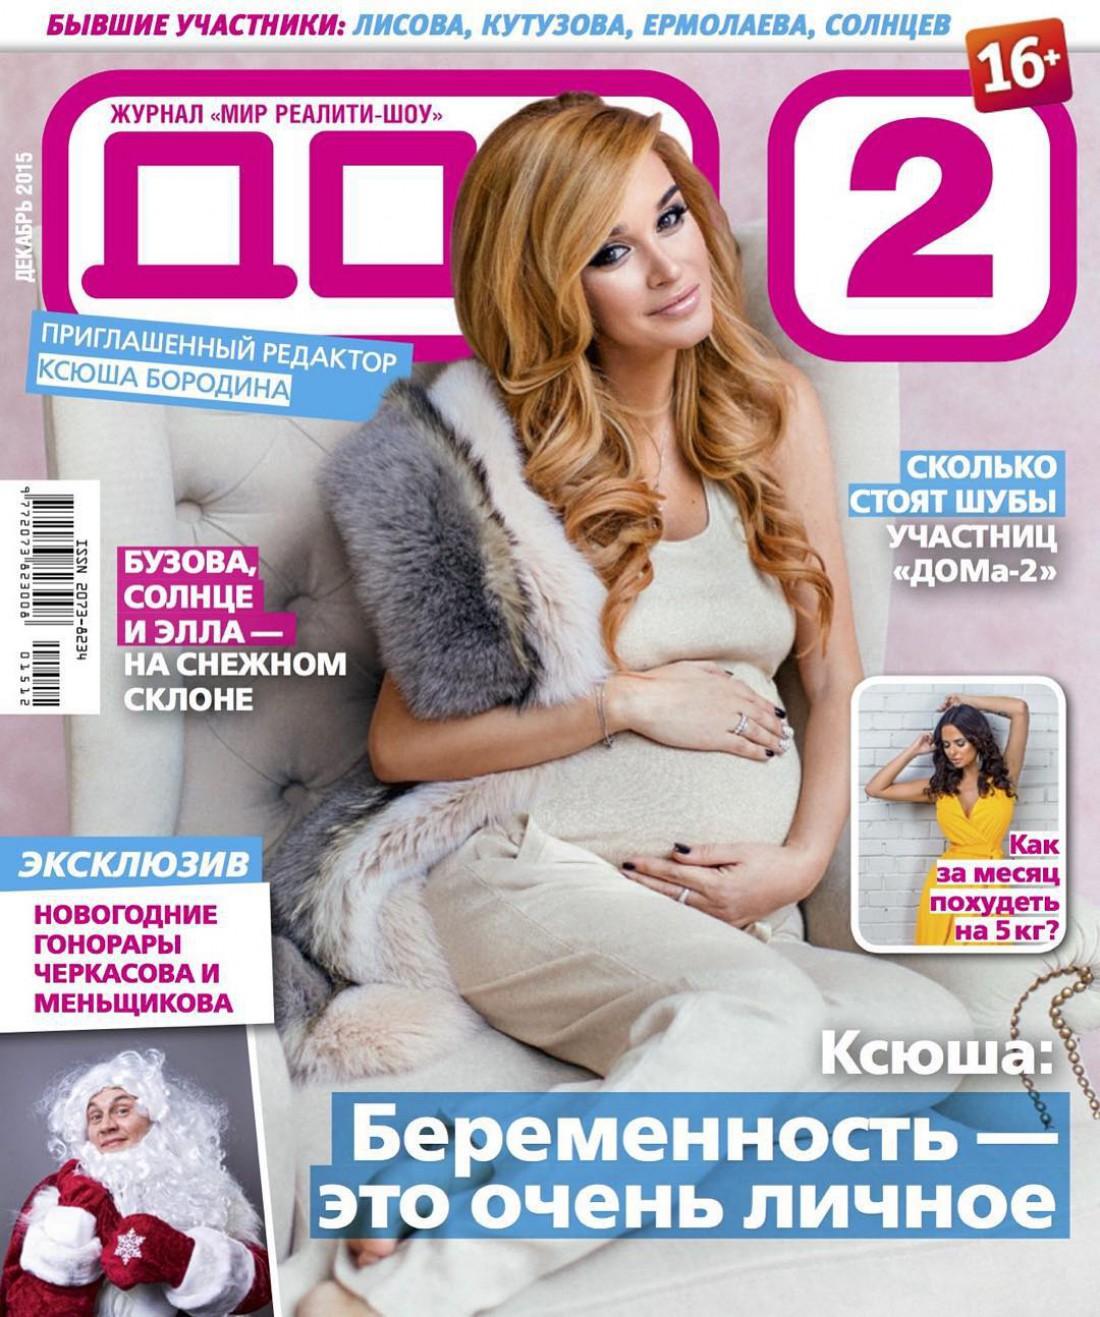 Ксения снялась в фотосессии накануне родов